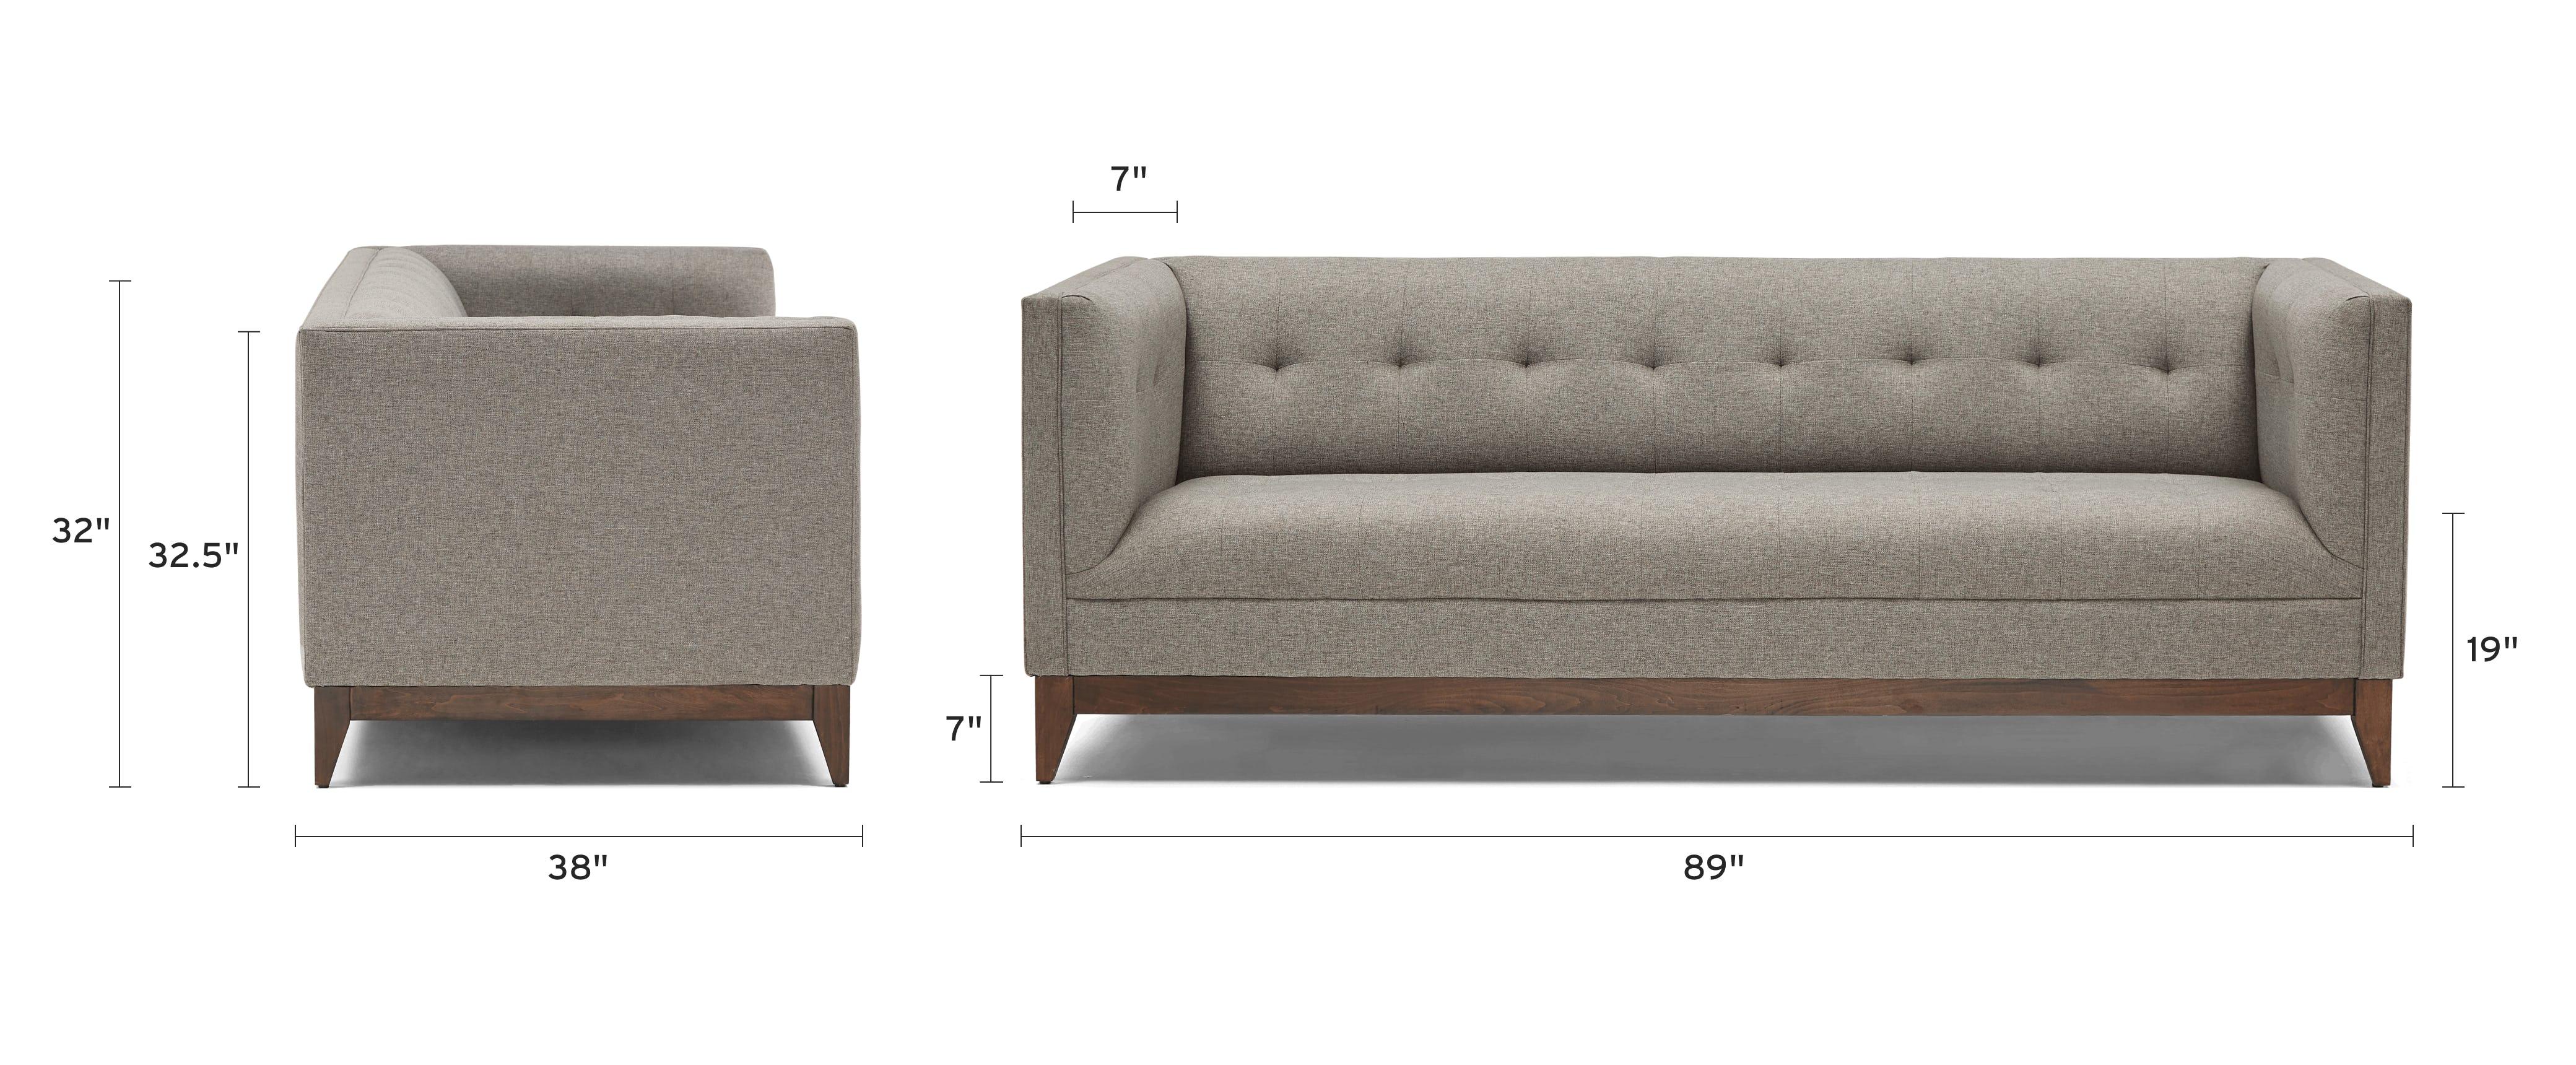 stowe sofa dimensional image